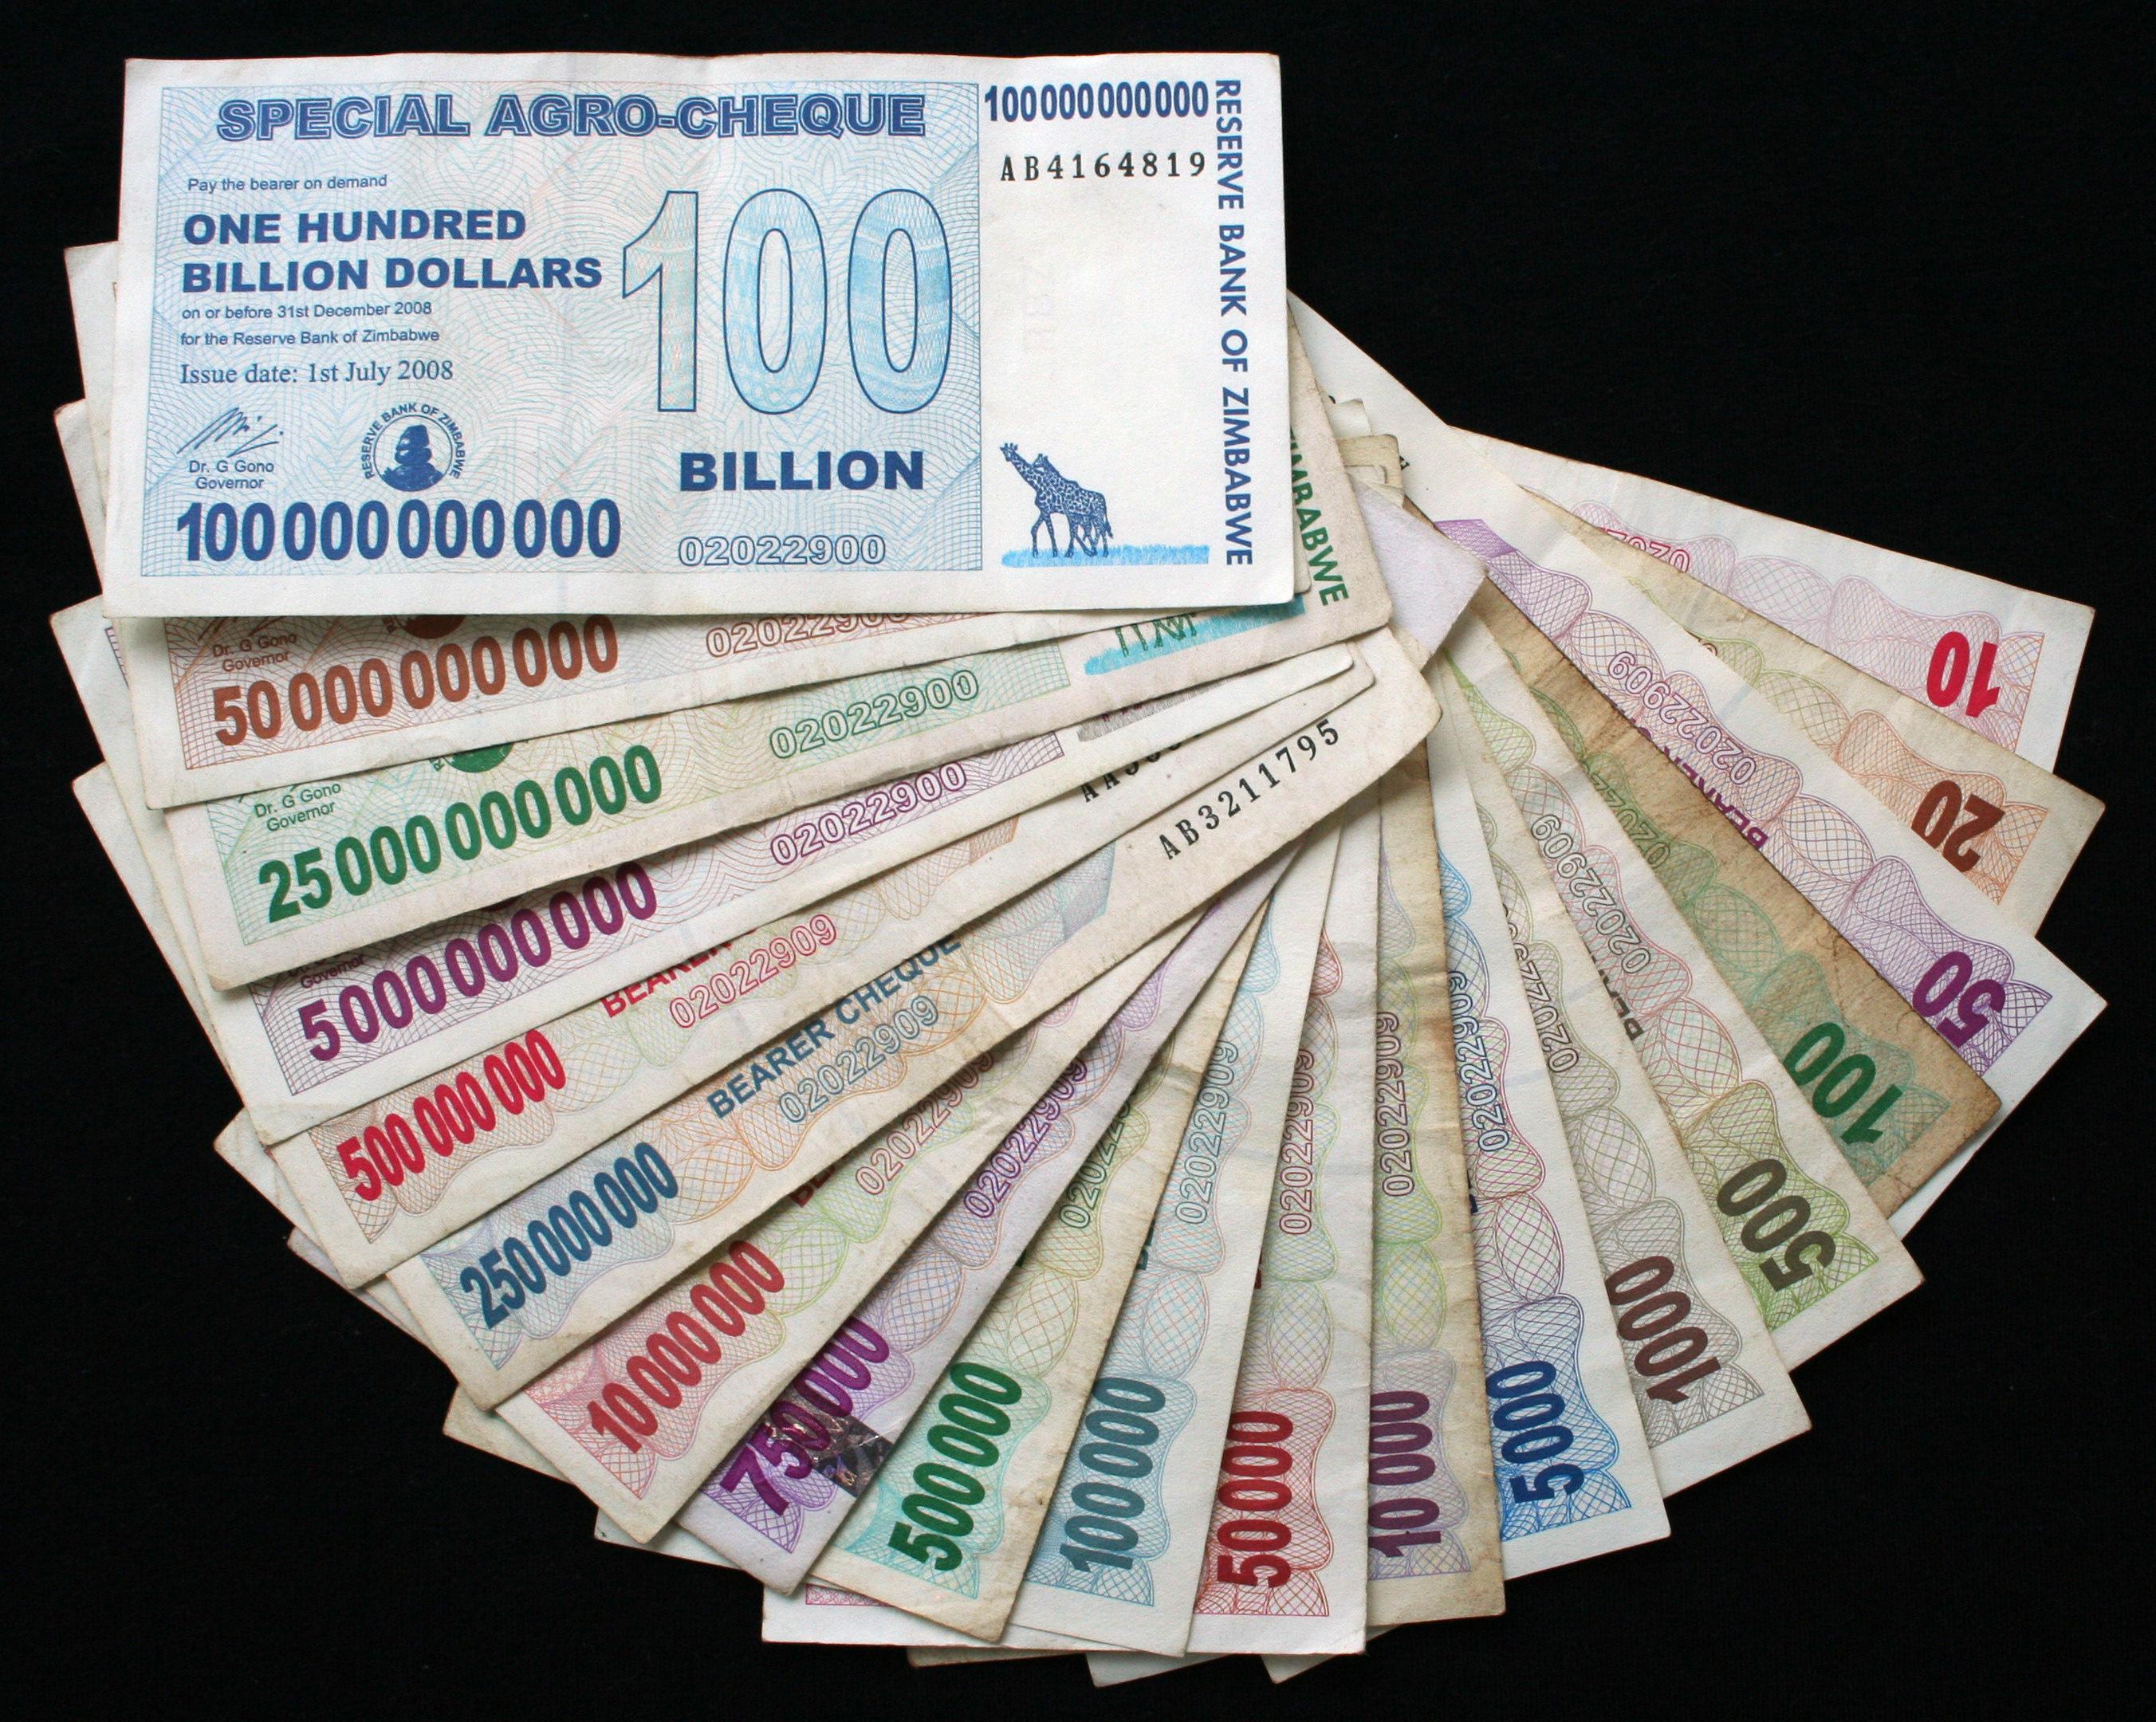 Zimbabwe dollar bills from $10 to $100,000,000,000.